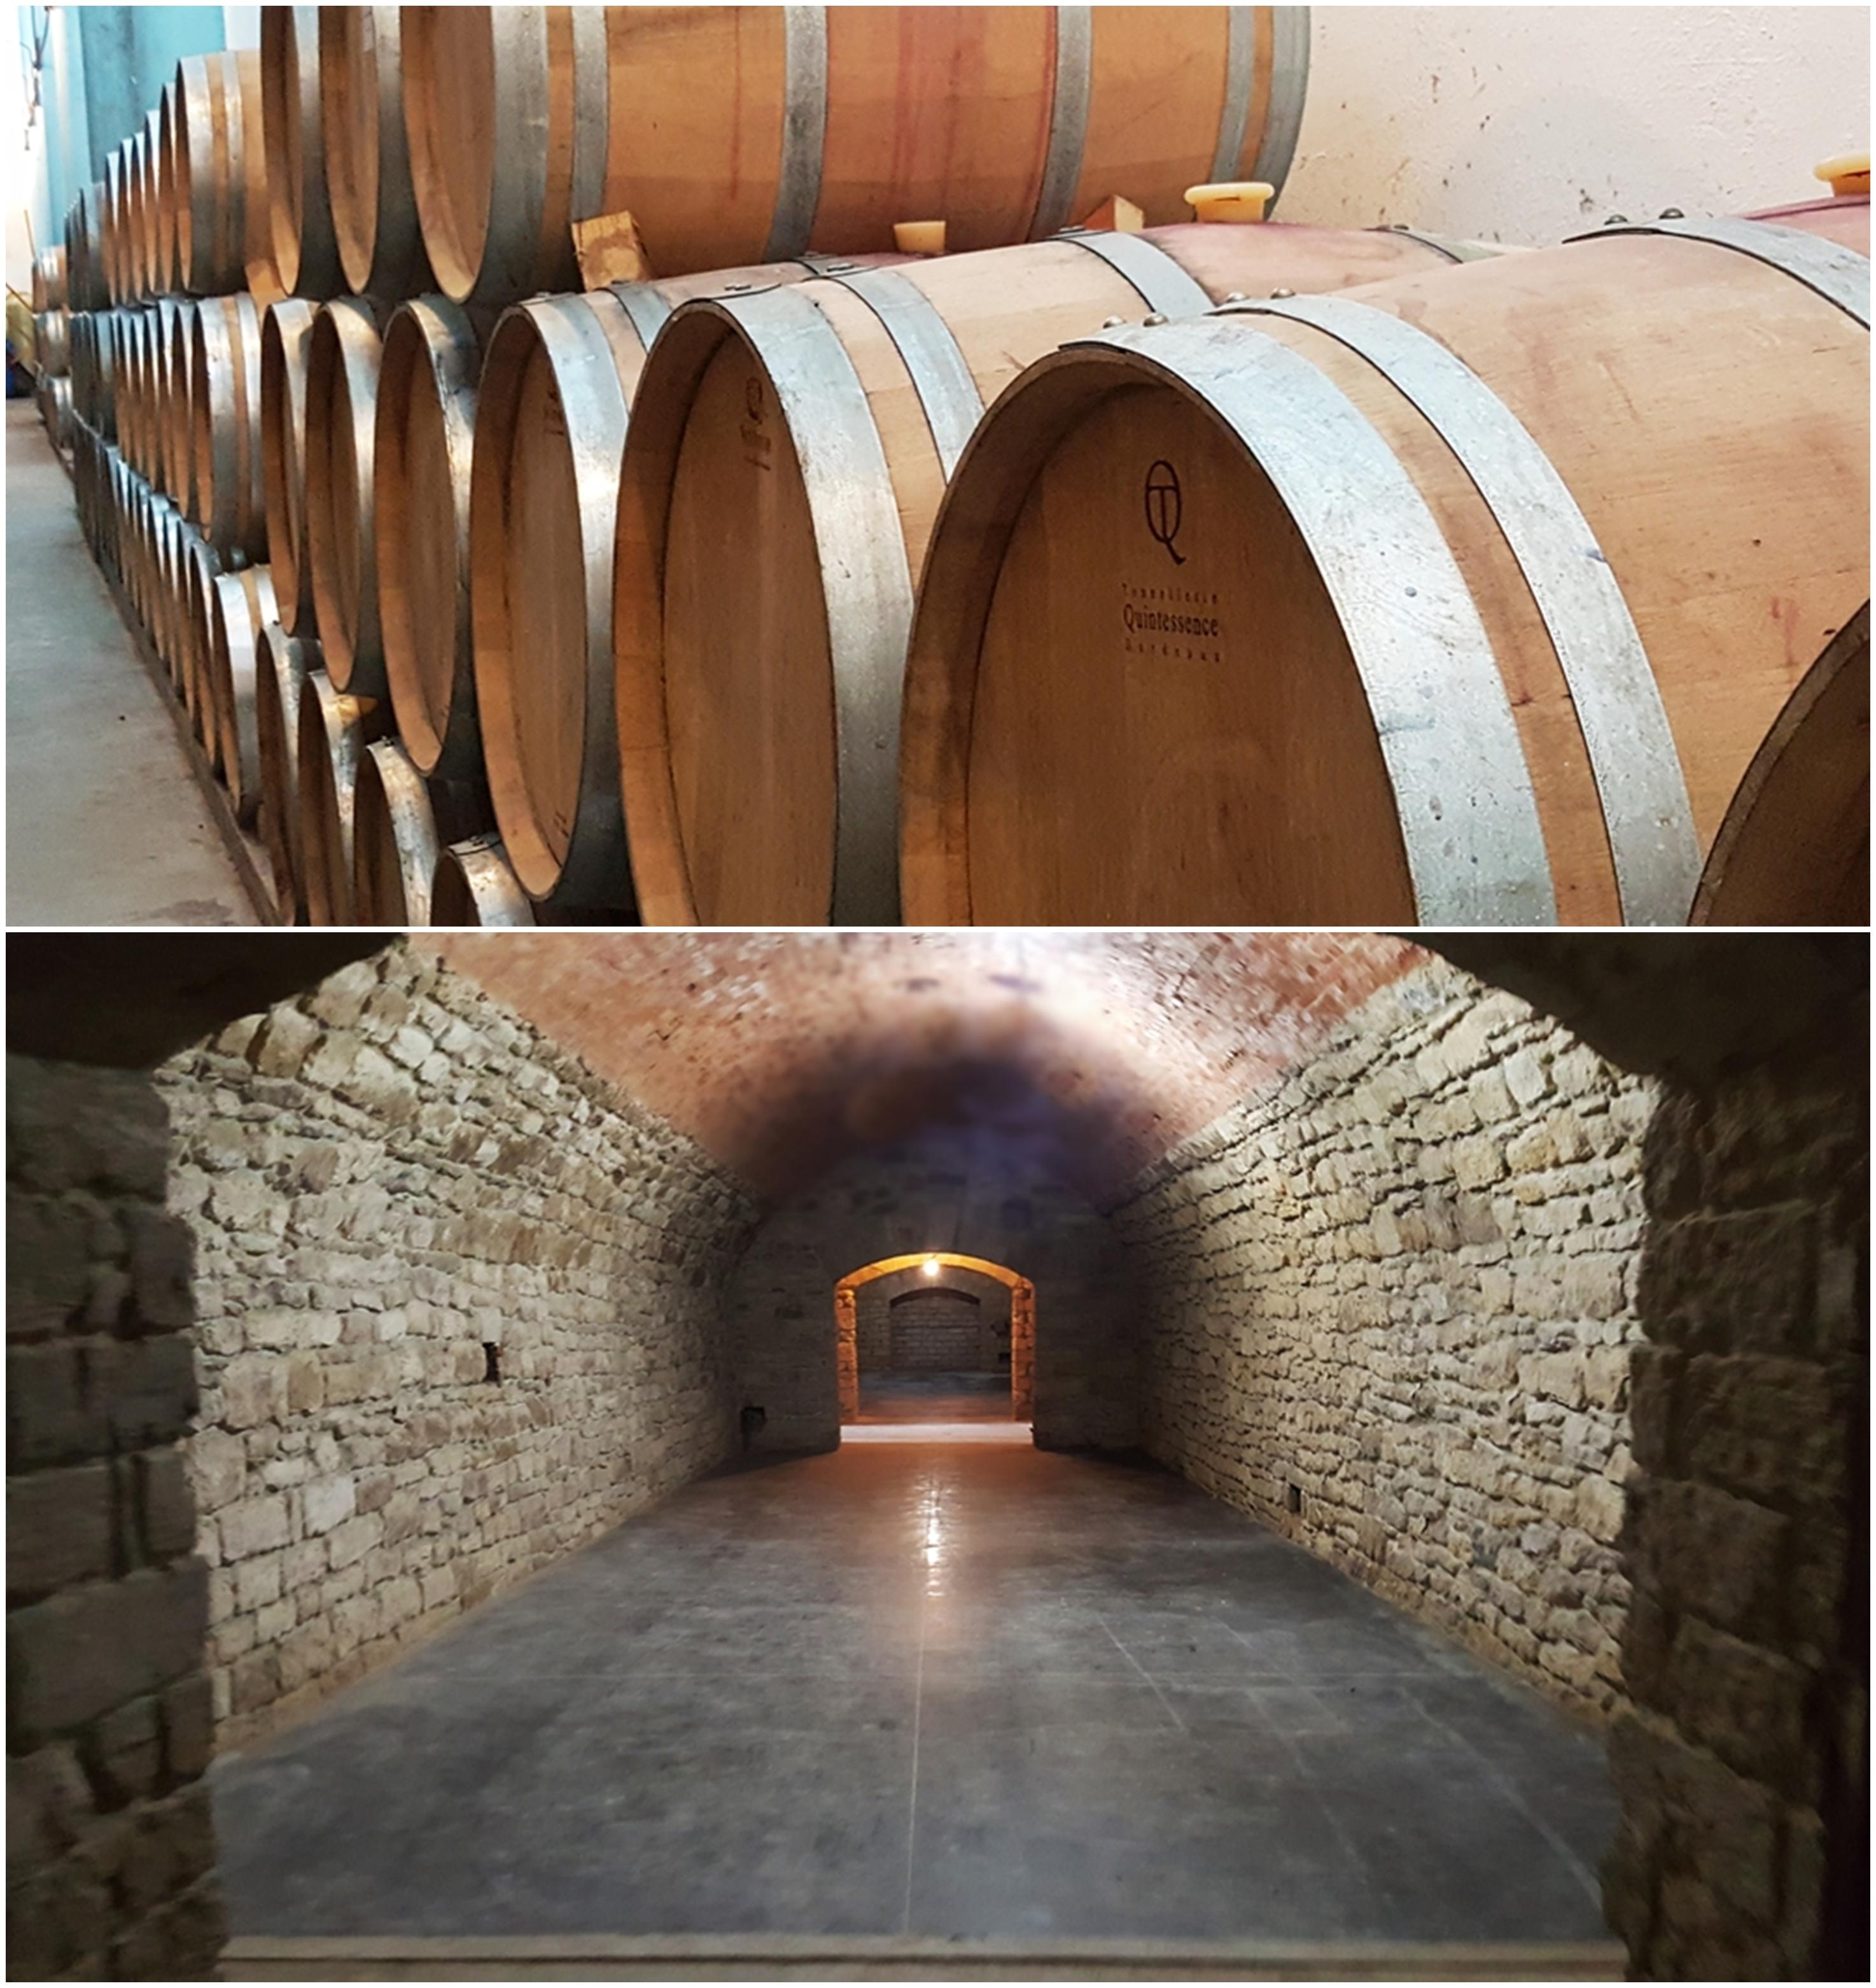 mimi winery chisinau